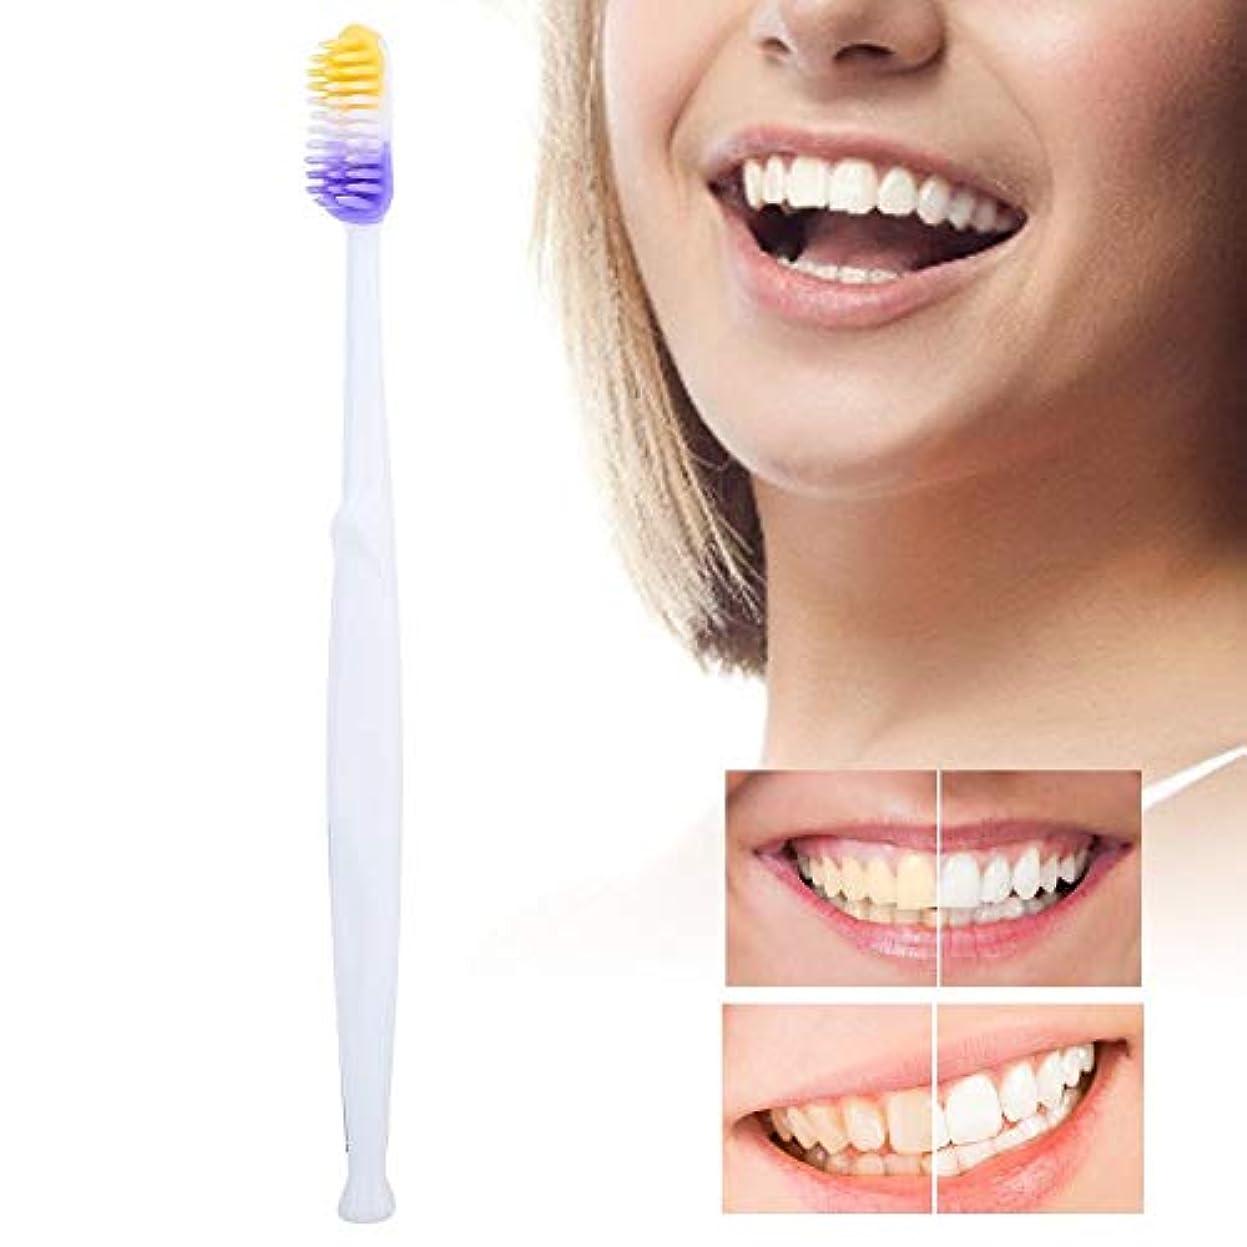 大人楽観的トムオードリース歯ブラシ、妊娠中の産後の女性のオーラルケア用具のためのシリコーンの柔らかい毛の歯ブラシのクリーニングの歯ブラシ